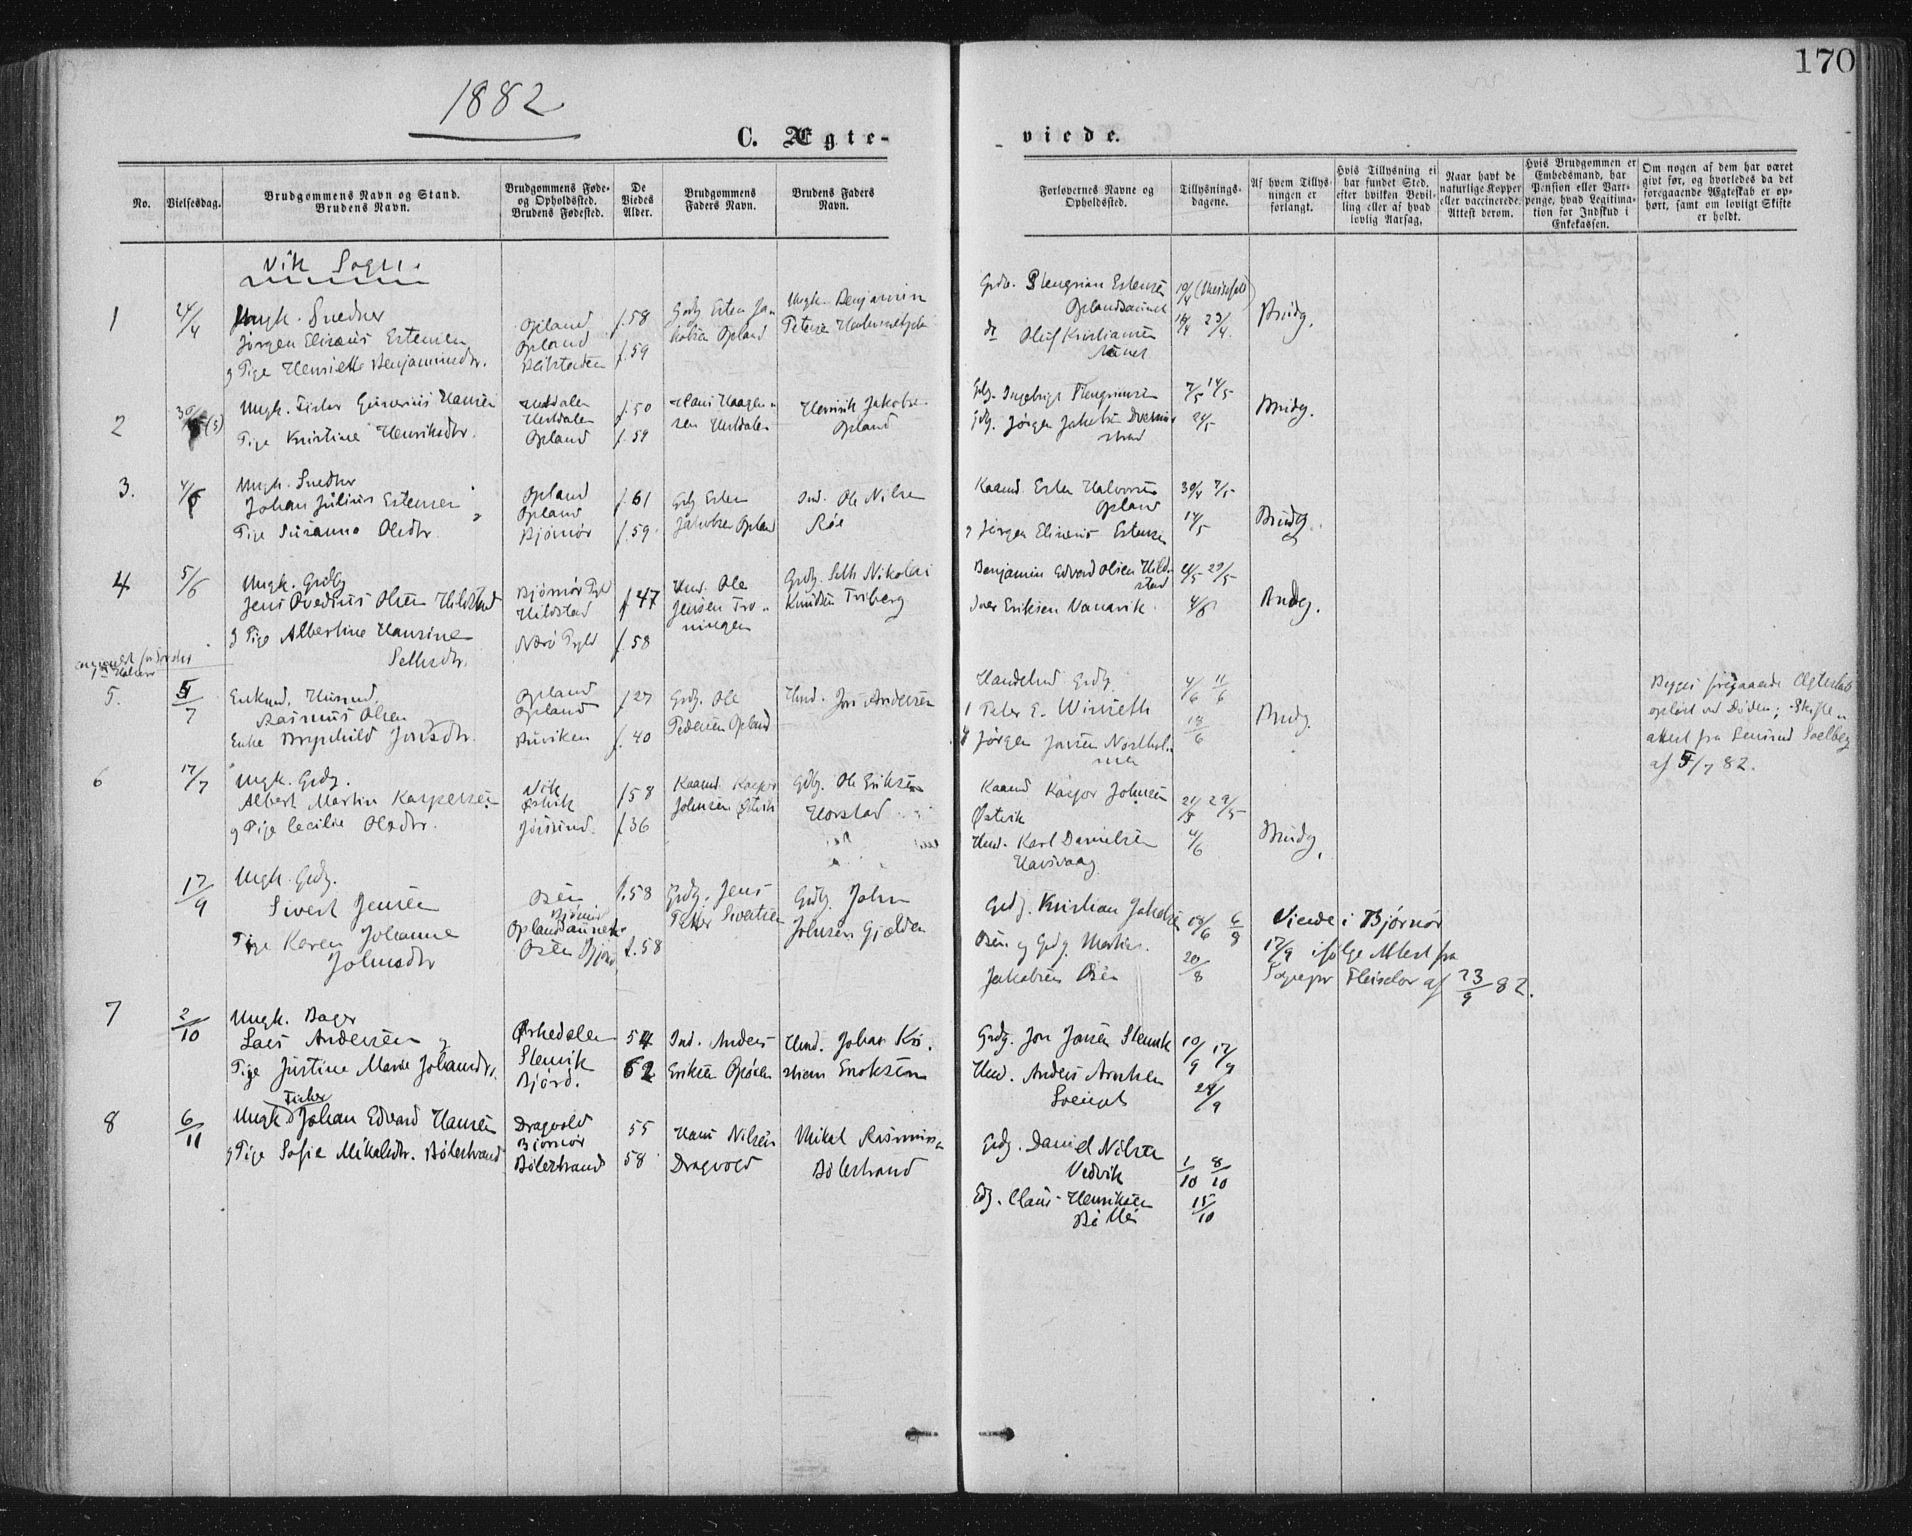 SAT, Ministerialprotokoller, klokkerbøker og fødselsregistre - Nord-Trøndelag, 771/L0596: Ministerialbok nr. 771A03, 1870-1884, s. 170